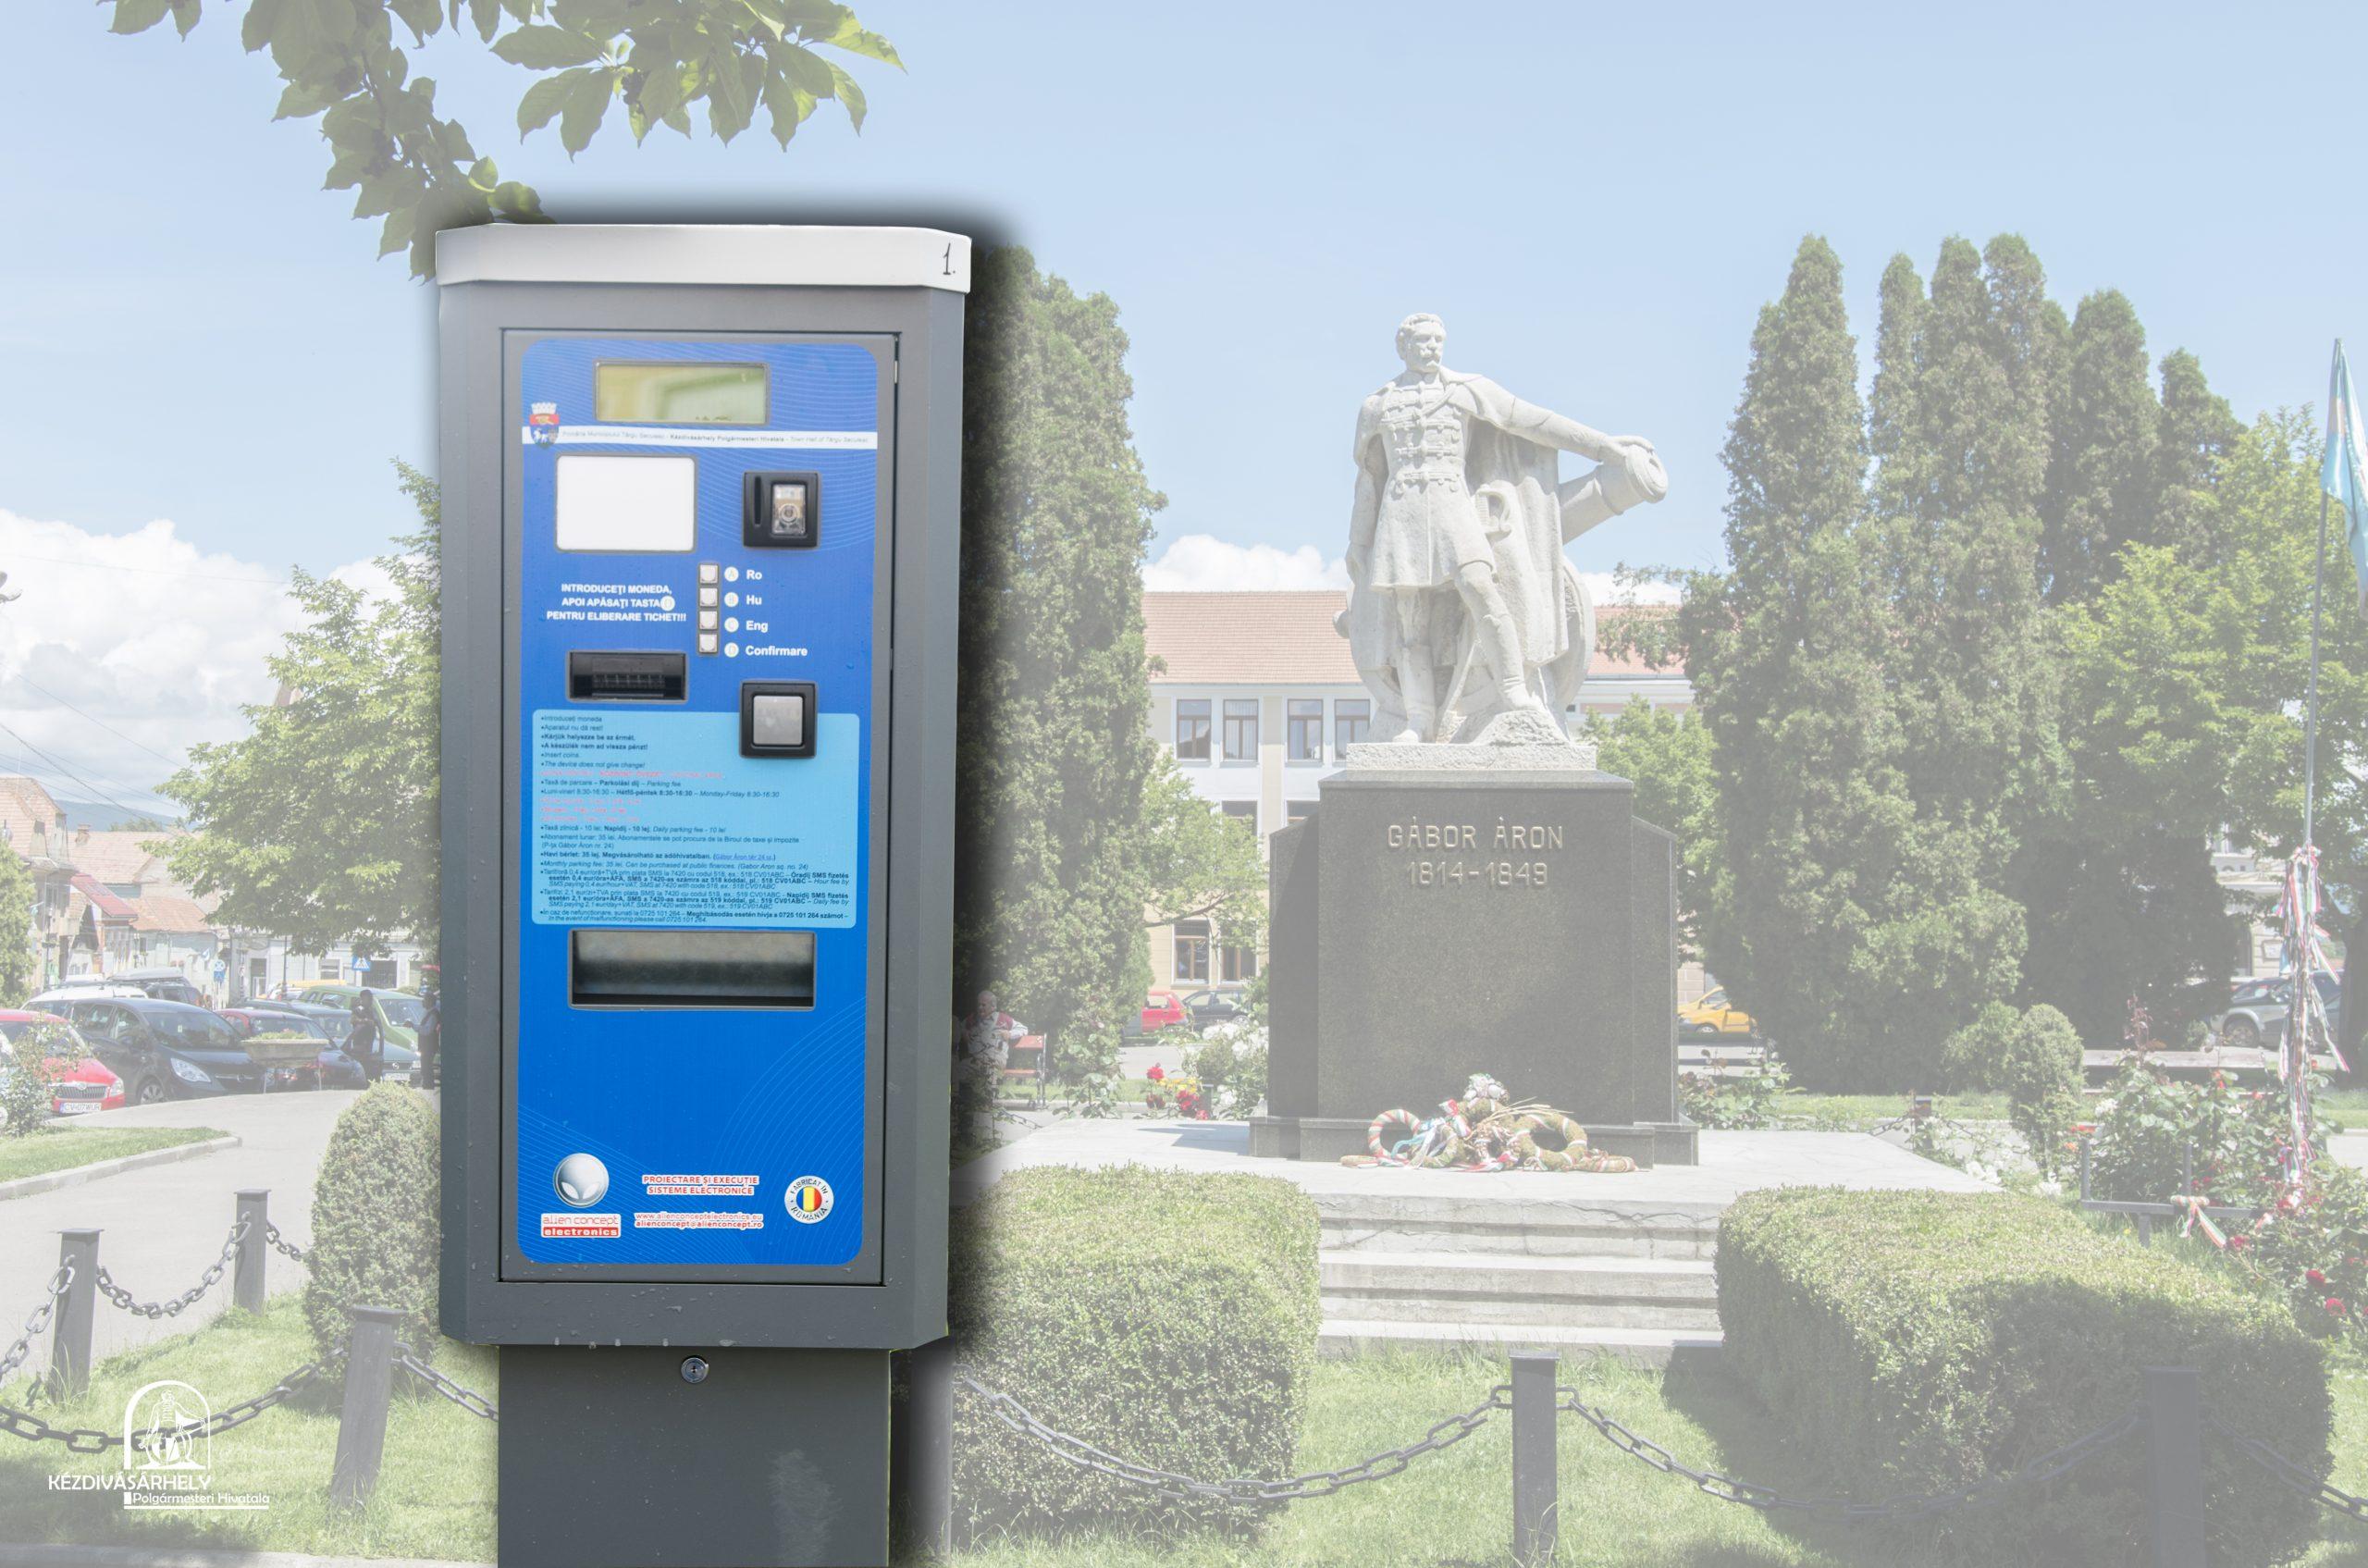 November 2-től újra fizetőssé válik a parkolás Kézdivásárhelyen